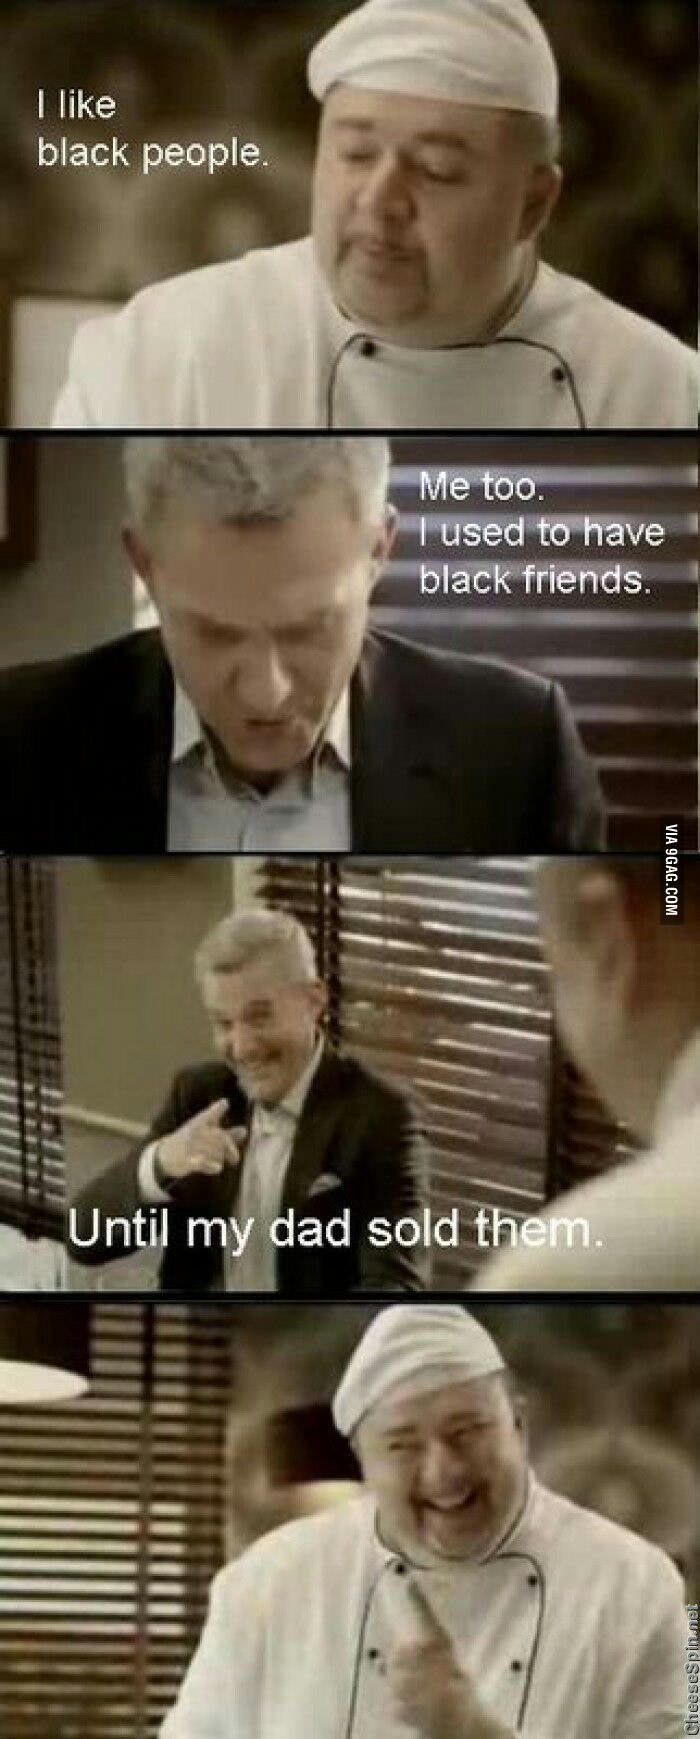 I like black people - 9GAG